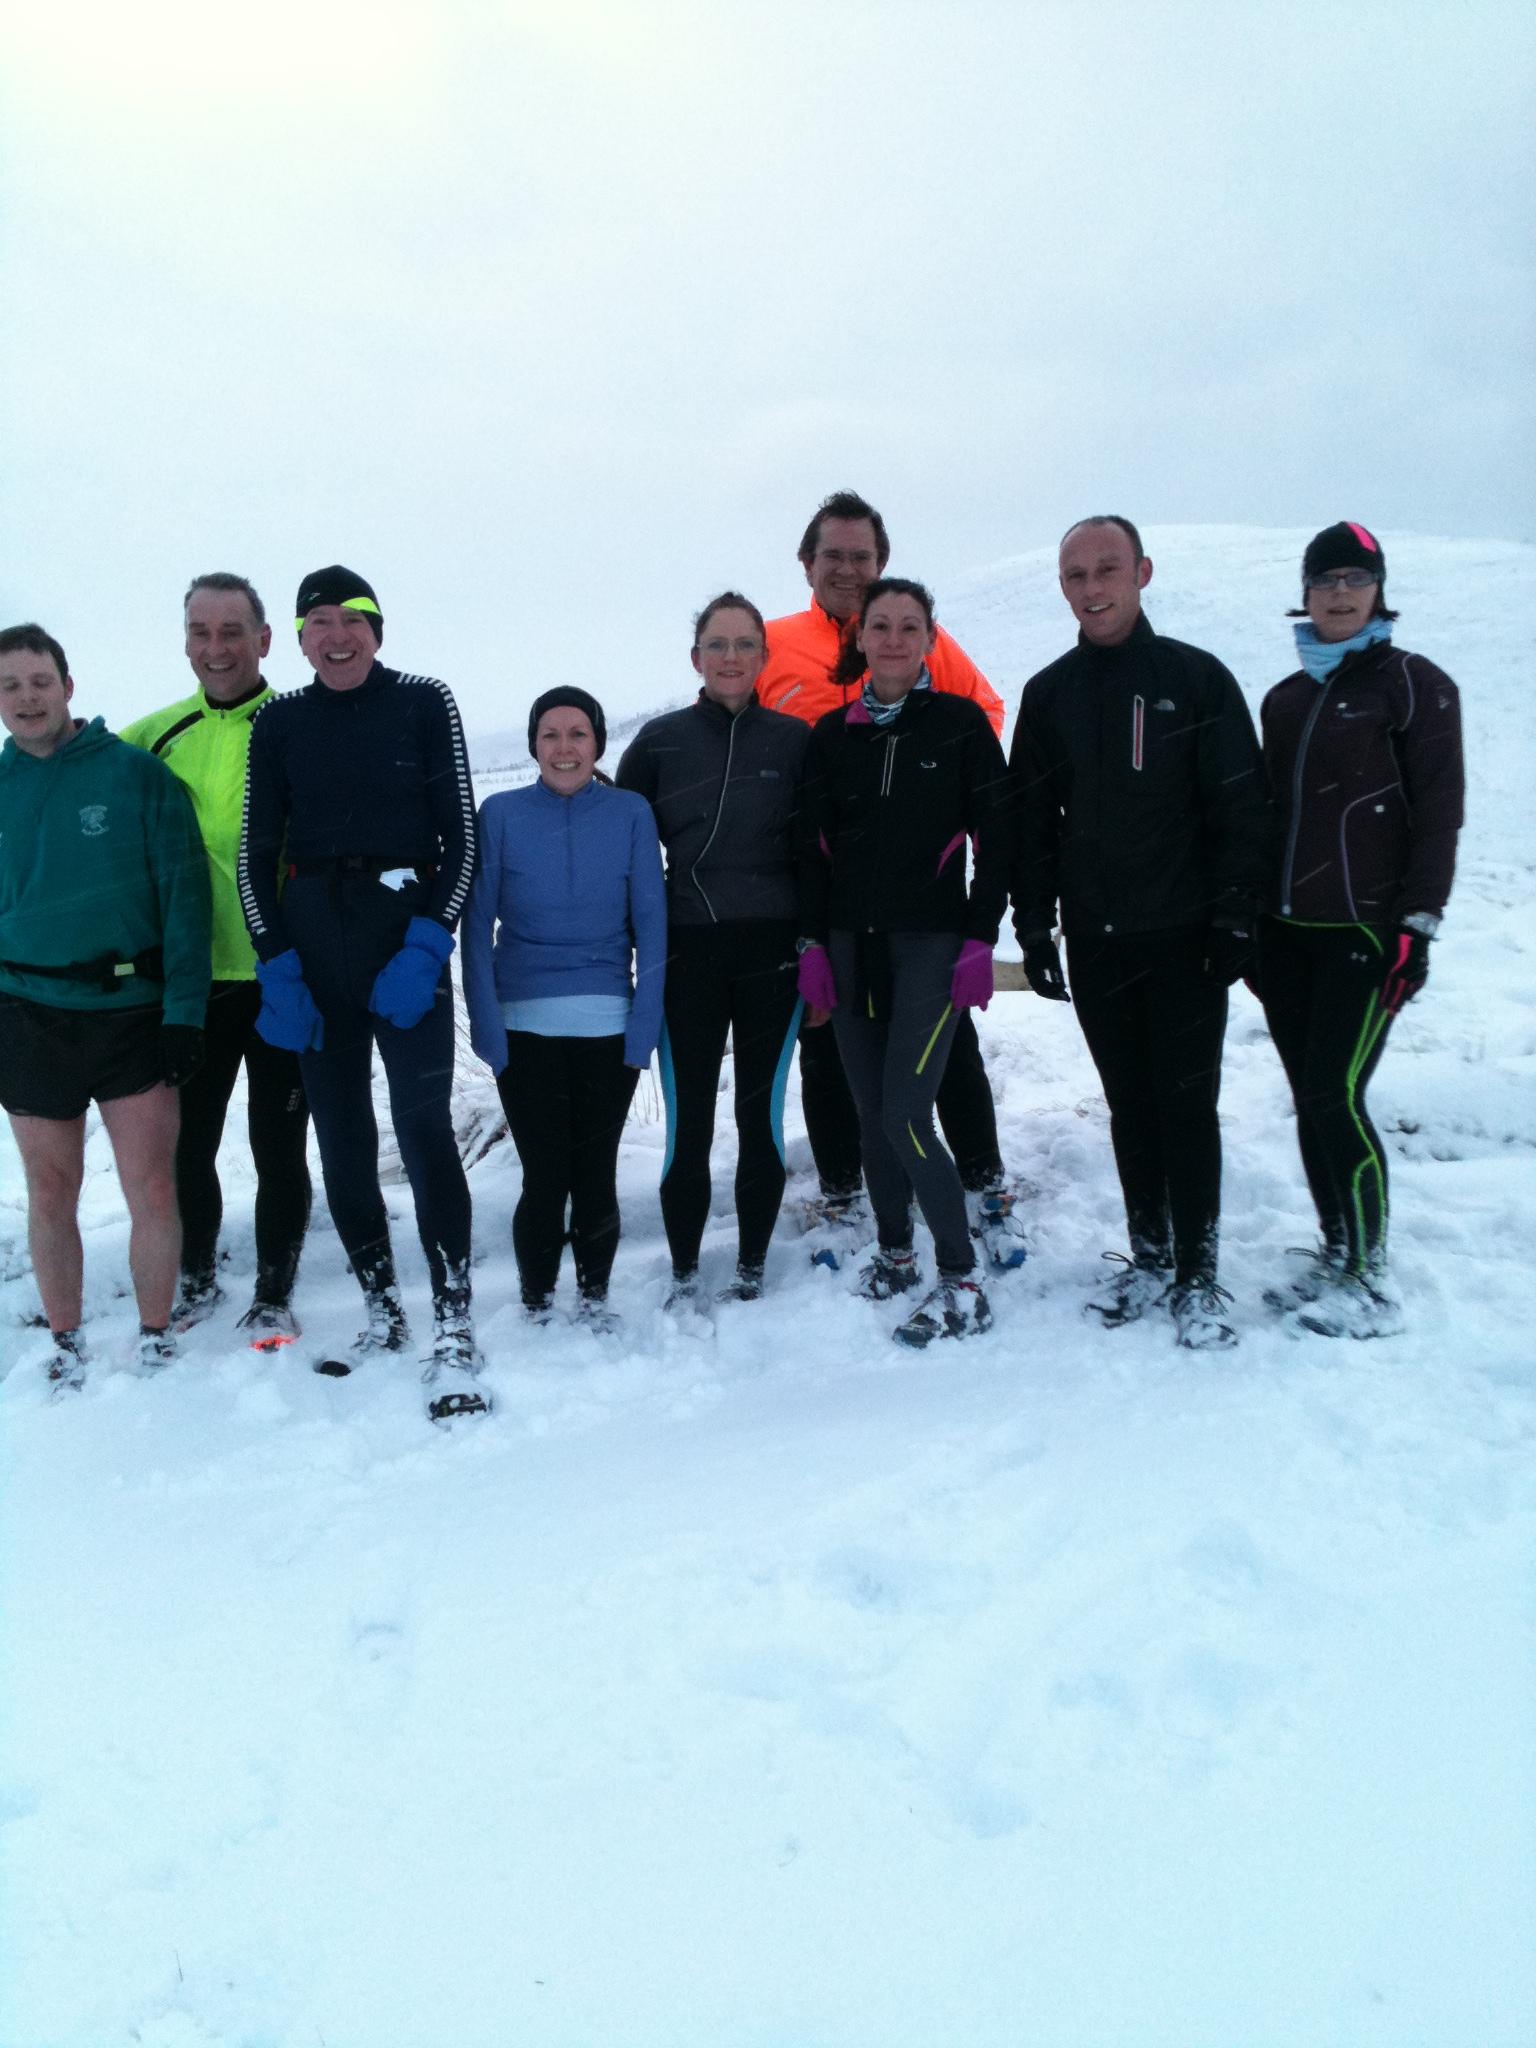 Winter Warmer Run January 2013